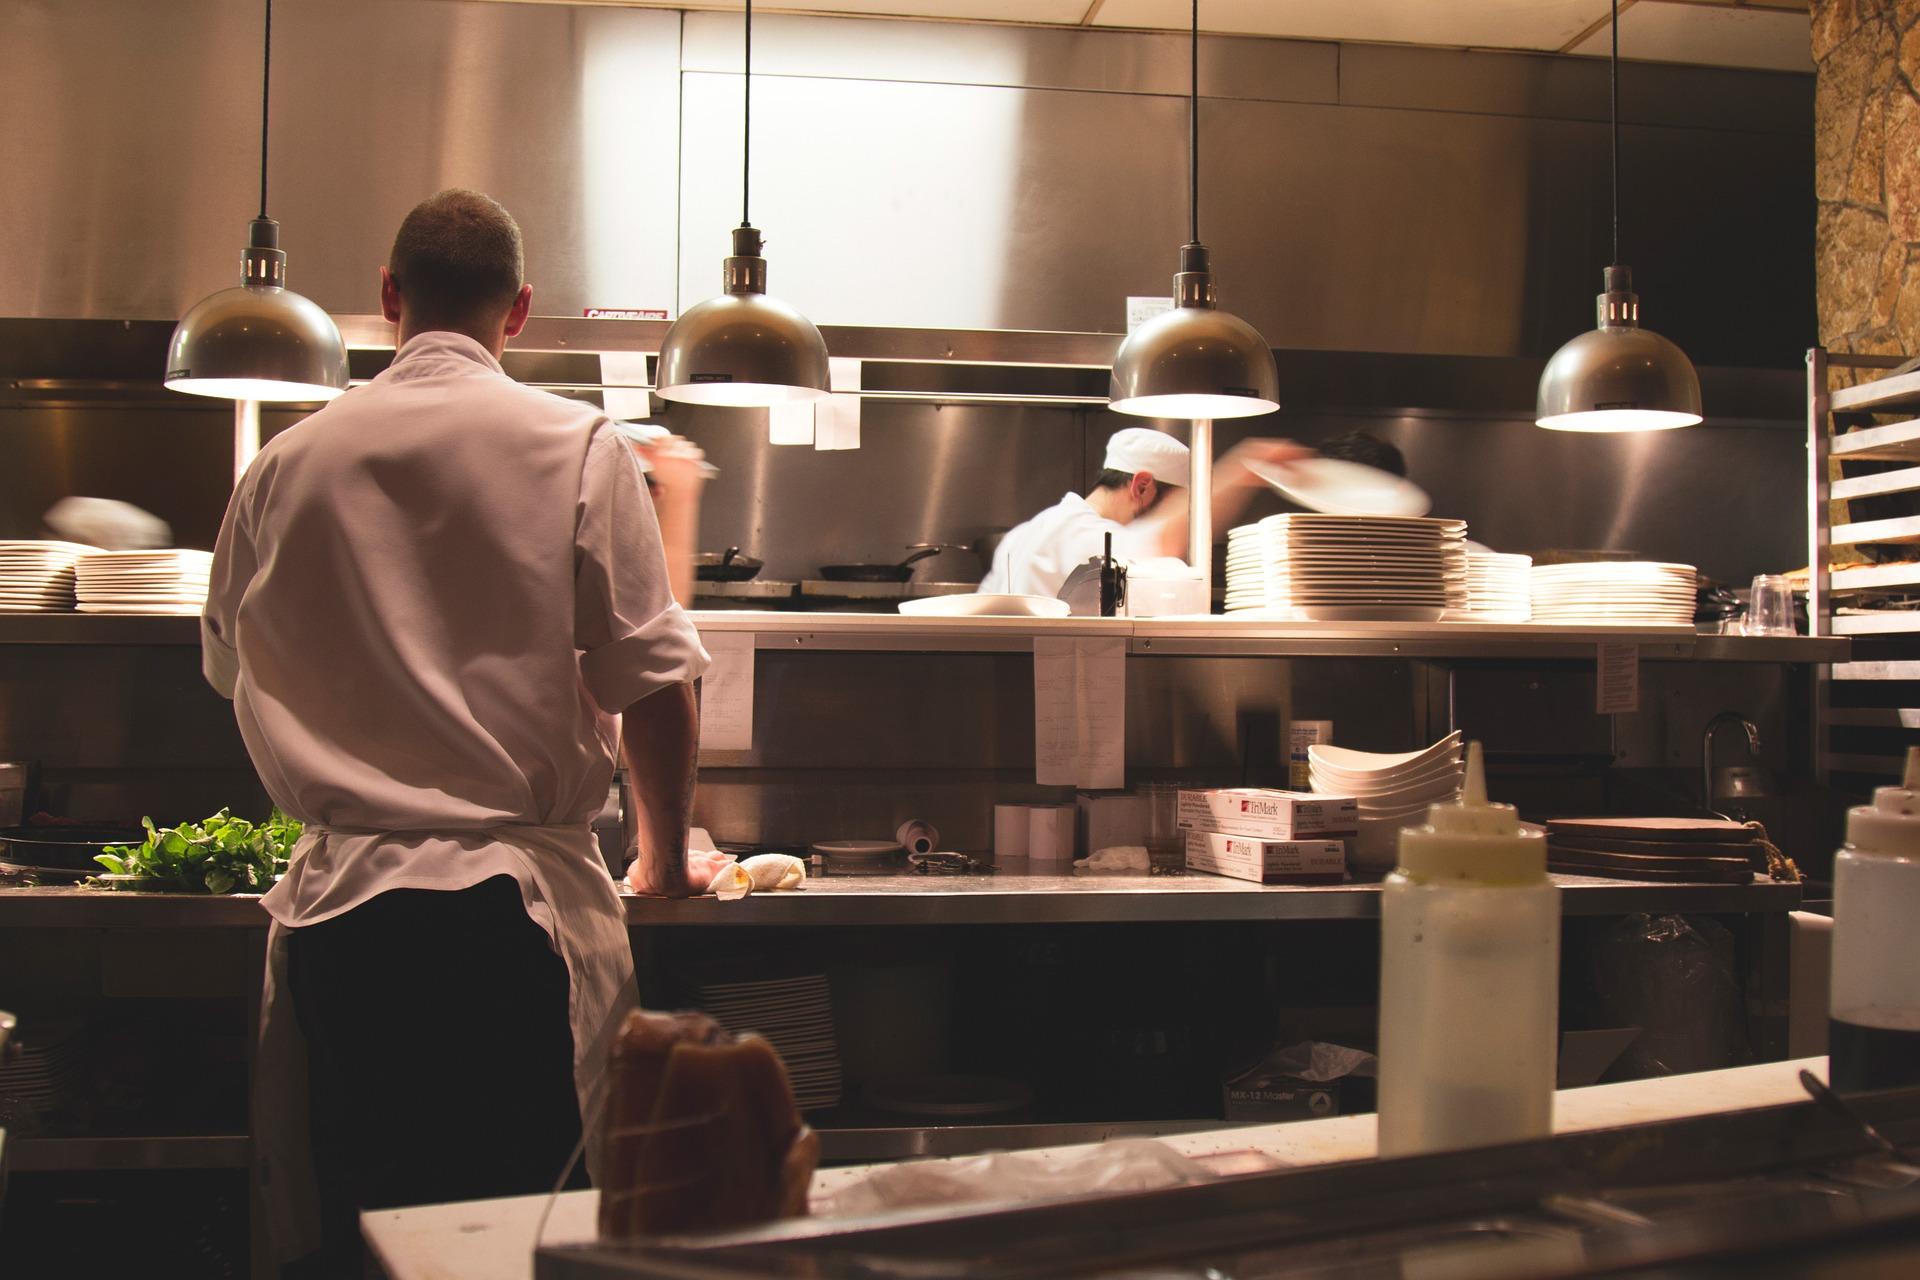 Cocina con cocineros trabajando